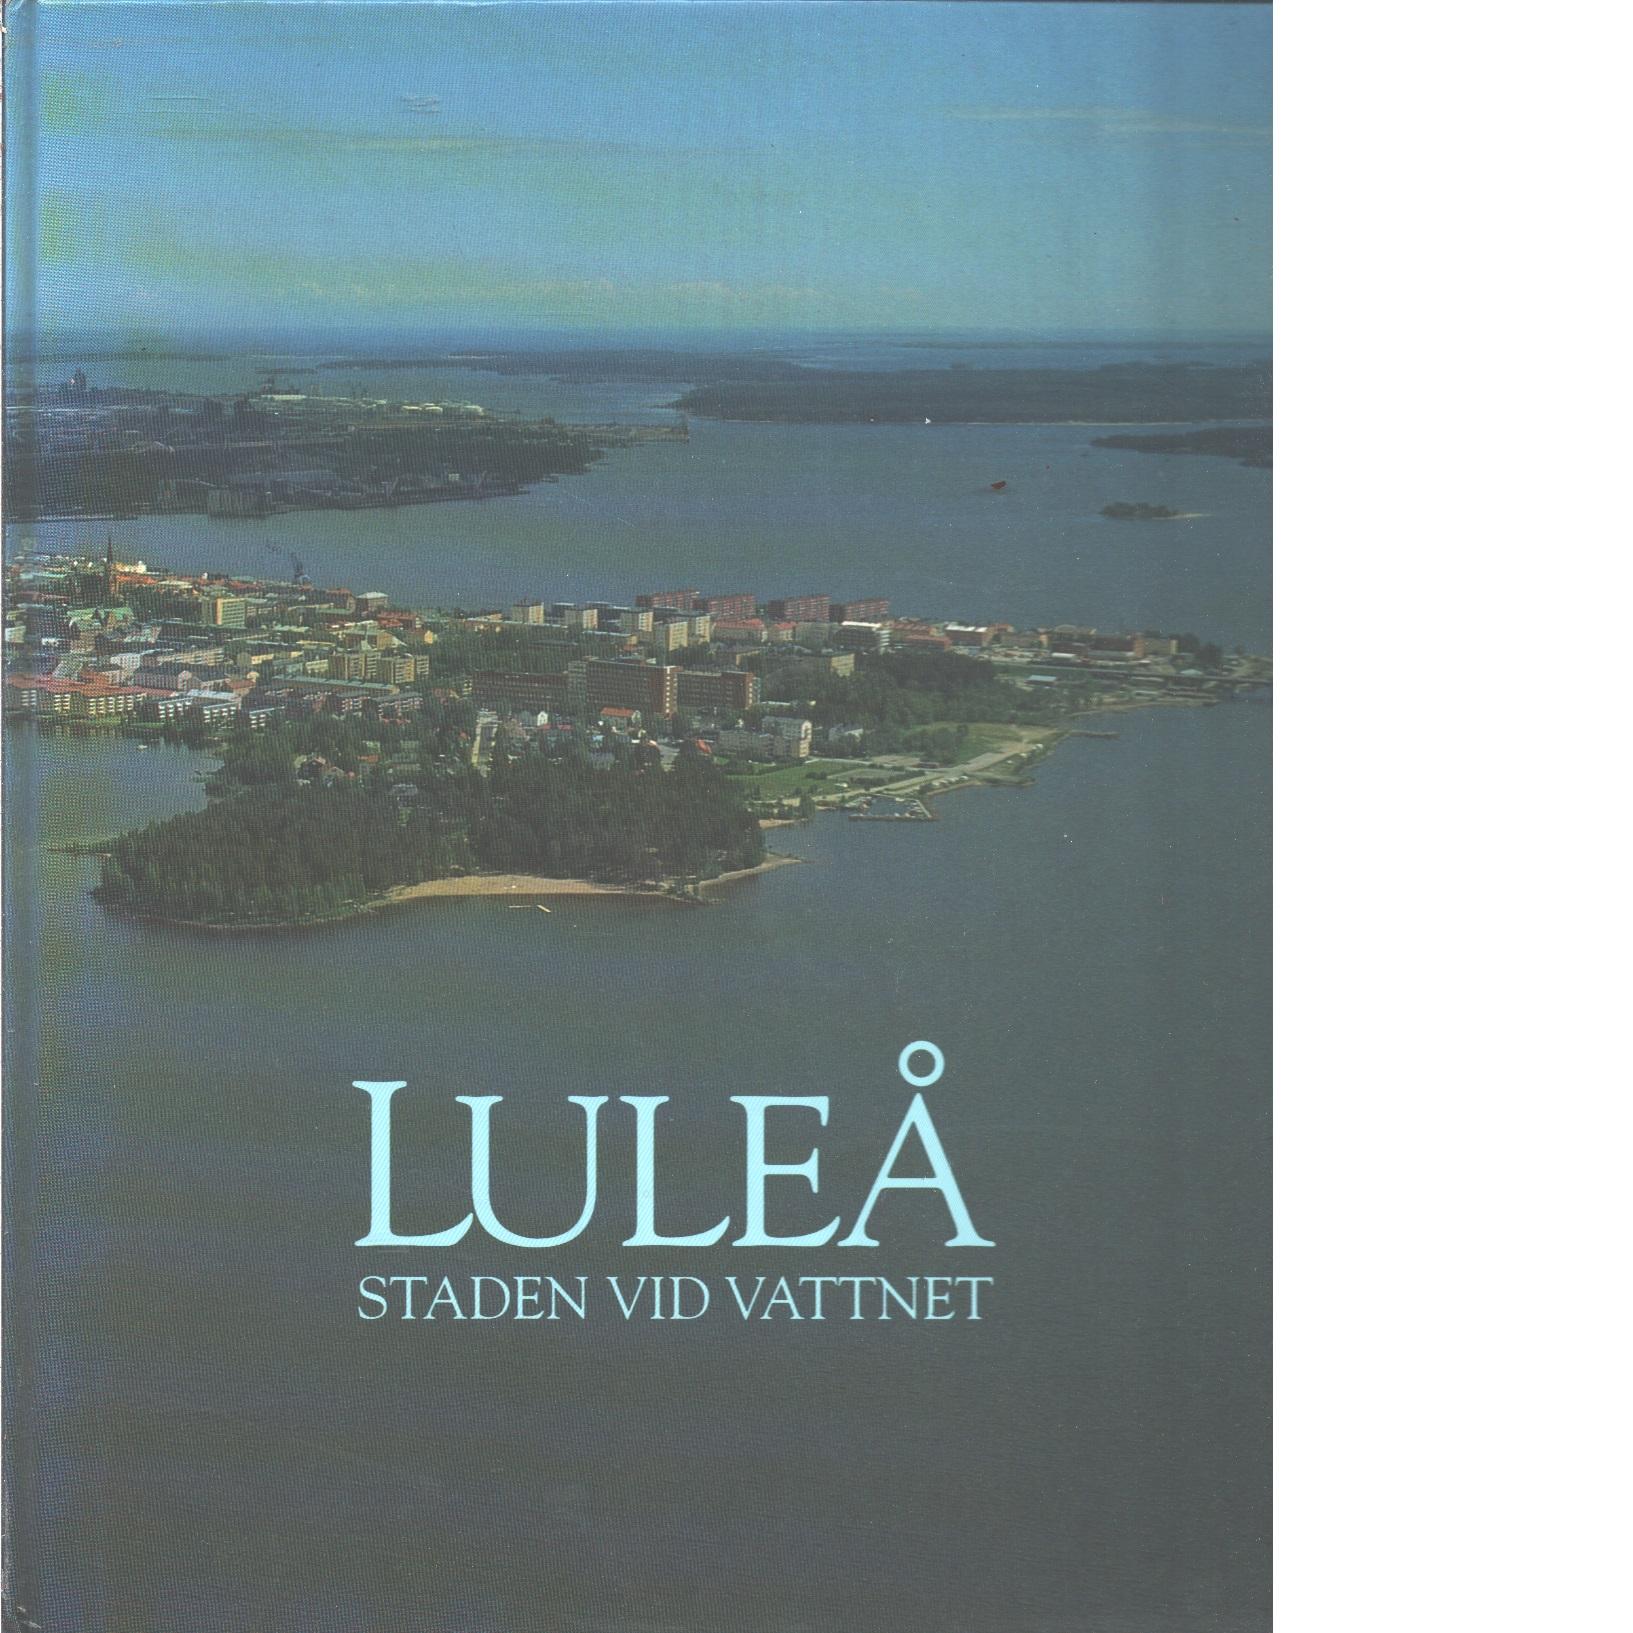 Luleå : staden vid vattnet - Bergbom, Gunnar och Bergbom, John